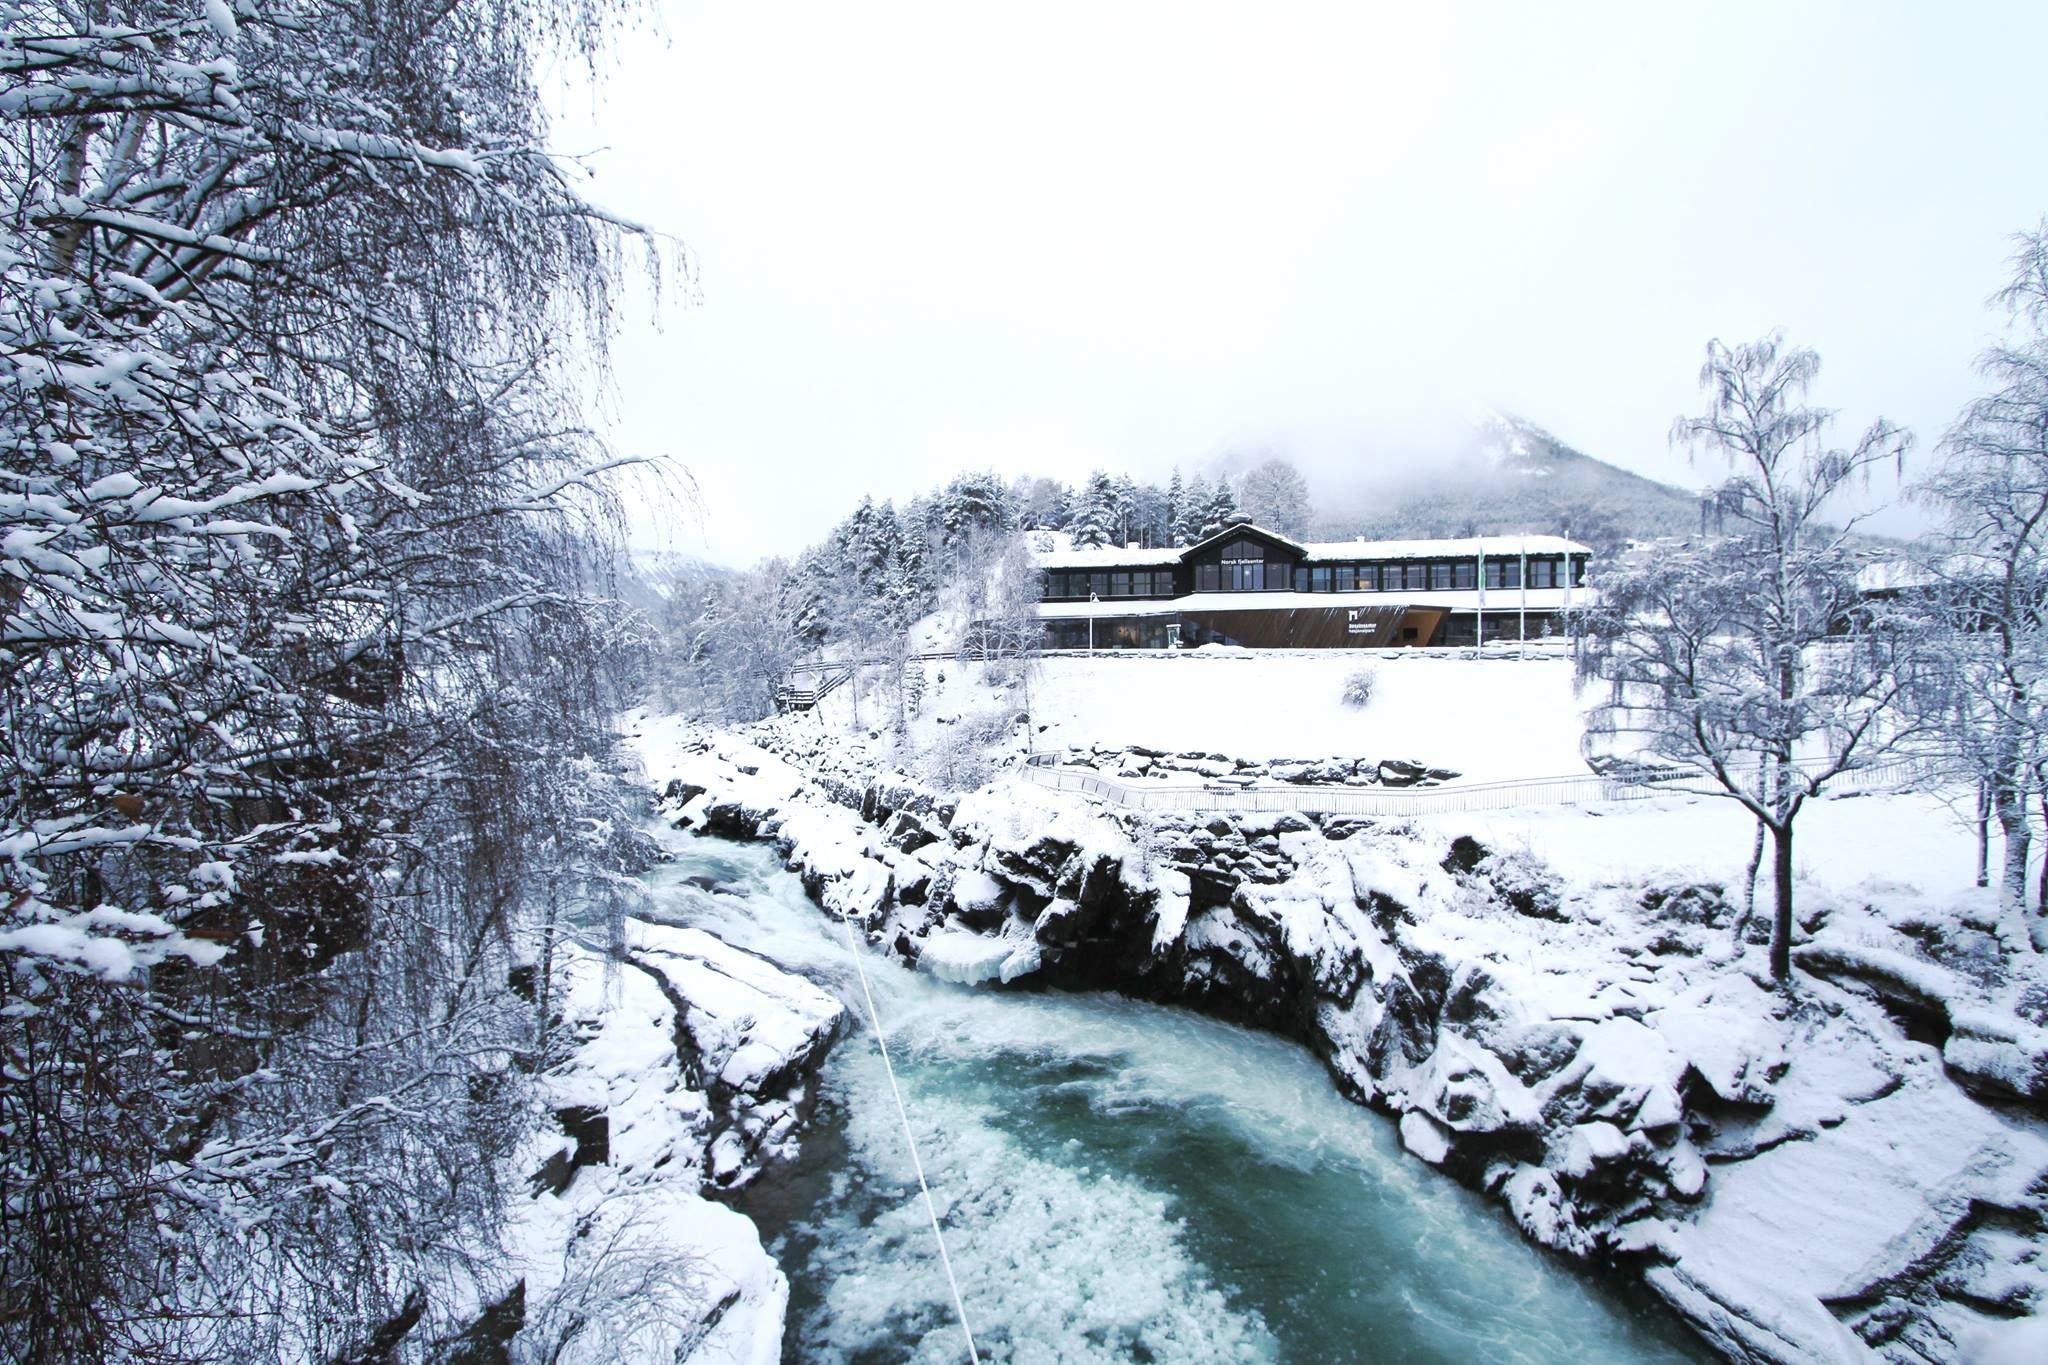 © Norsk Fjellsenter , Foredrag om norske polarheltinner